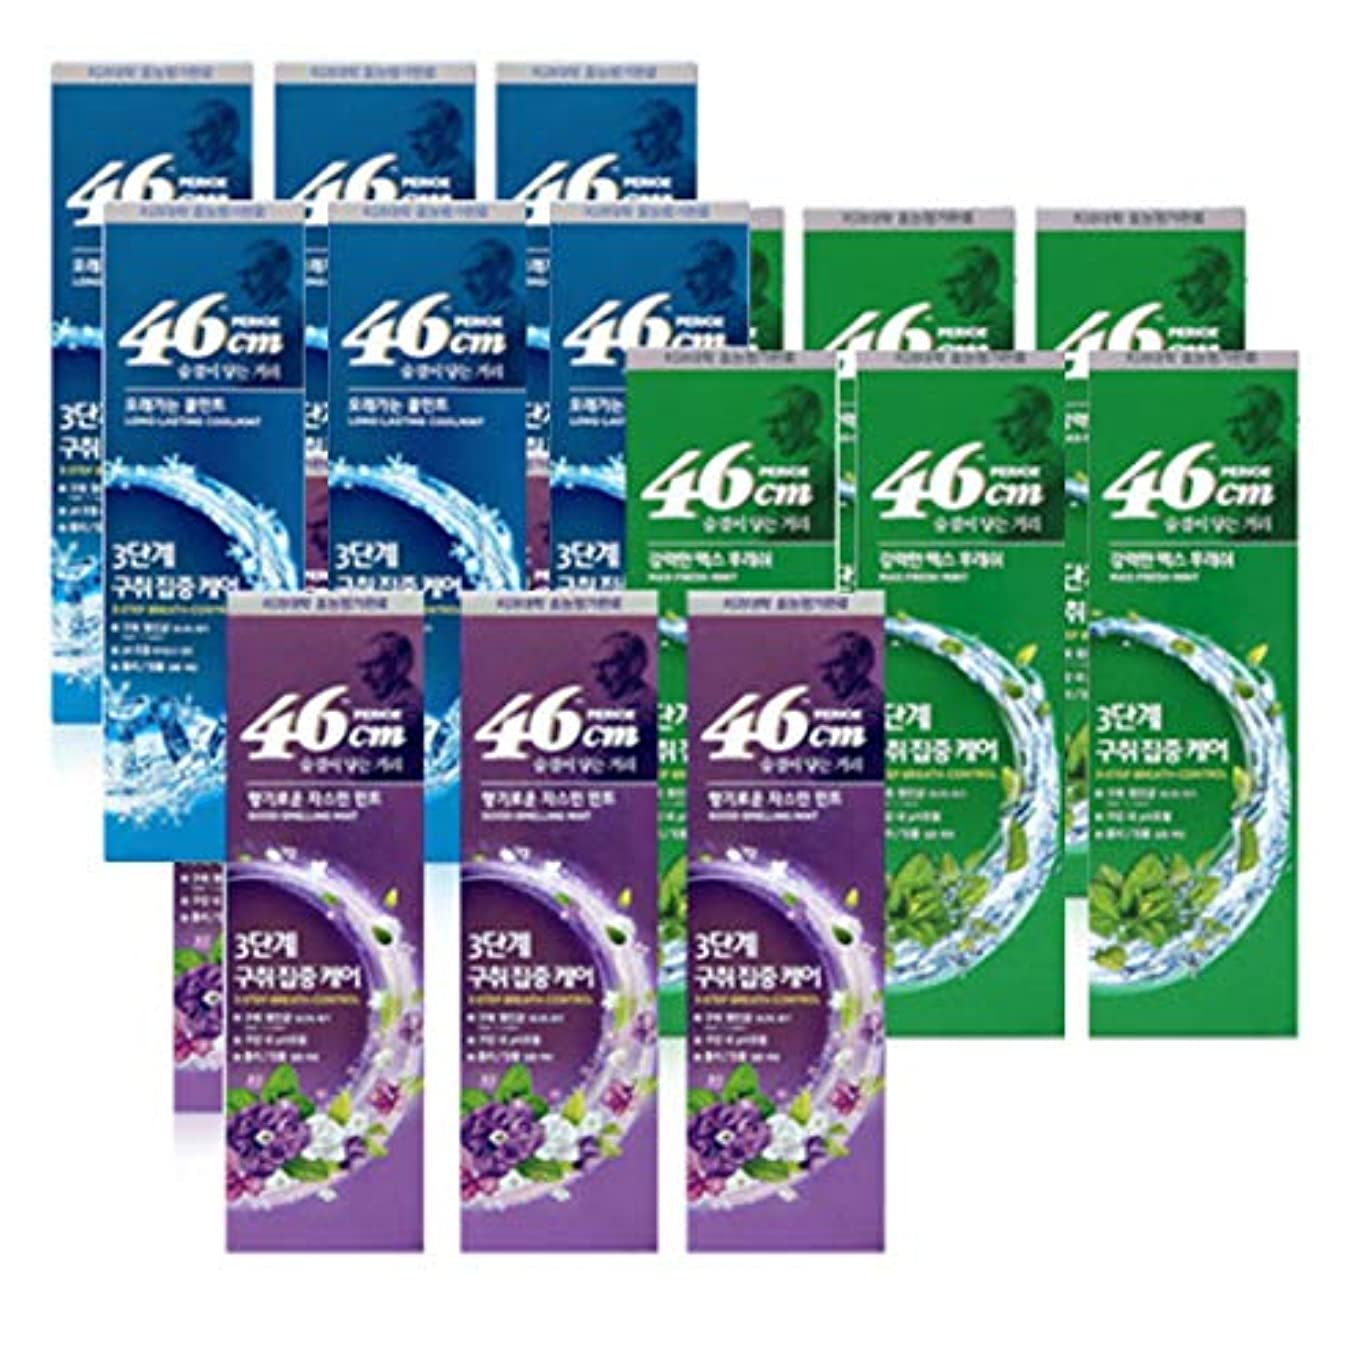 プランター怒り大脳[LG HnB] Perio 46cm toothpaste / ペリオ46cm歯磨き粉 100gx18個(海外直送品)